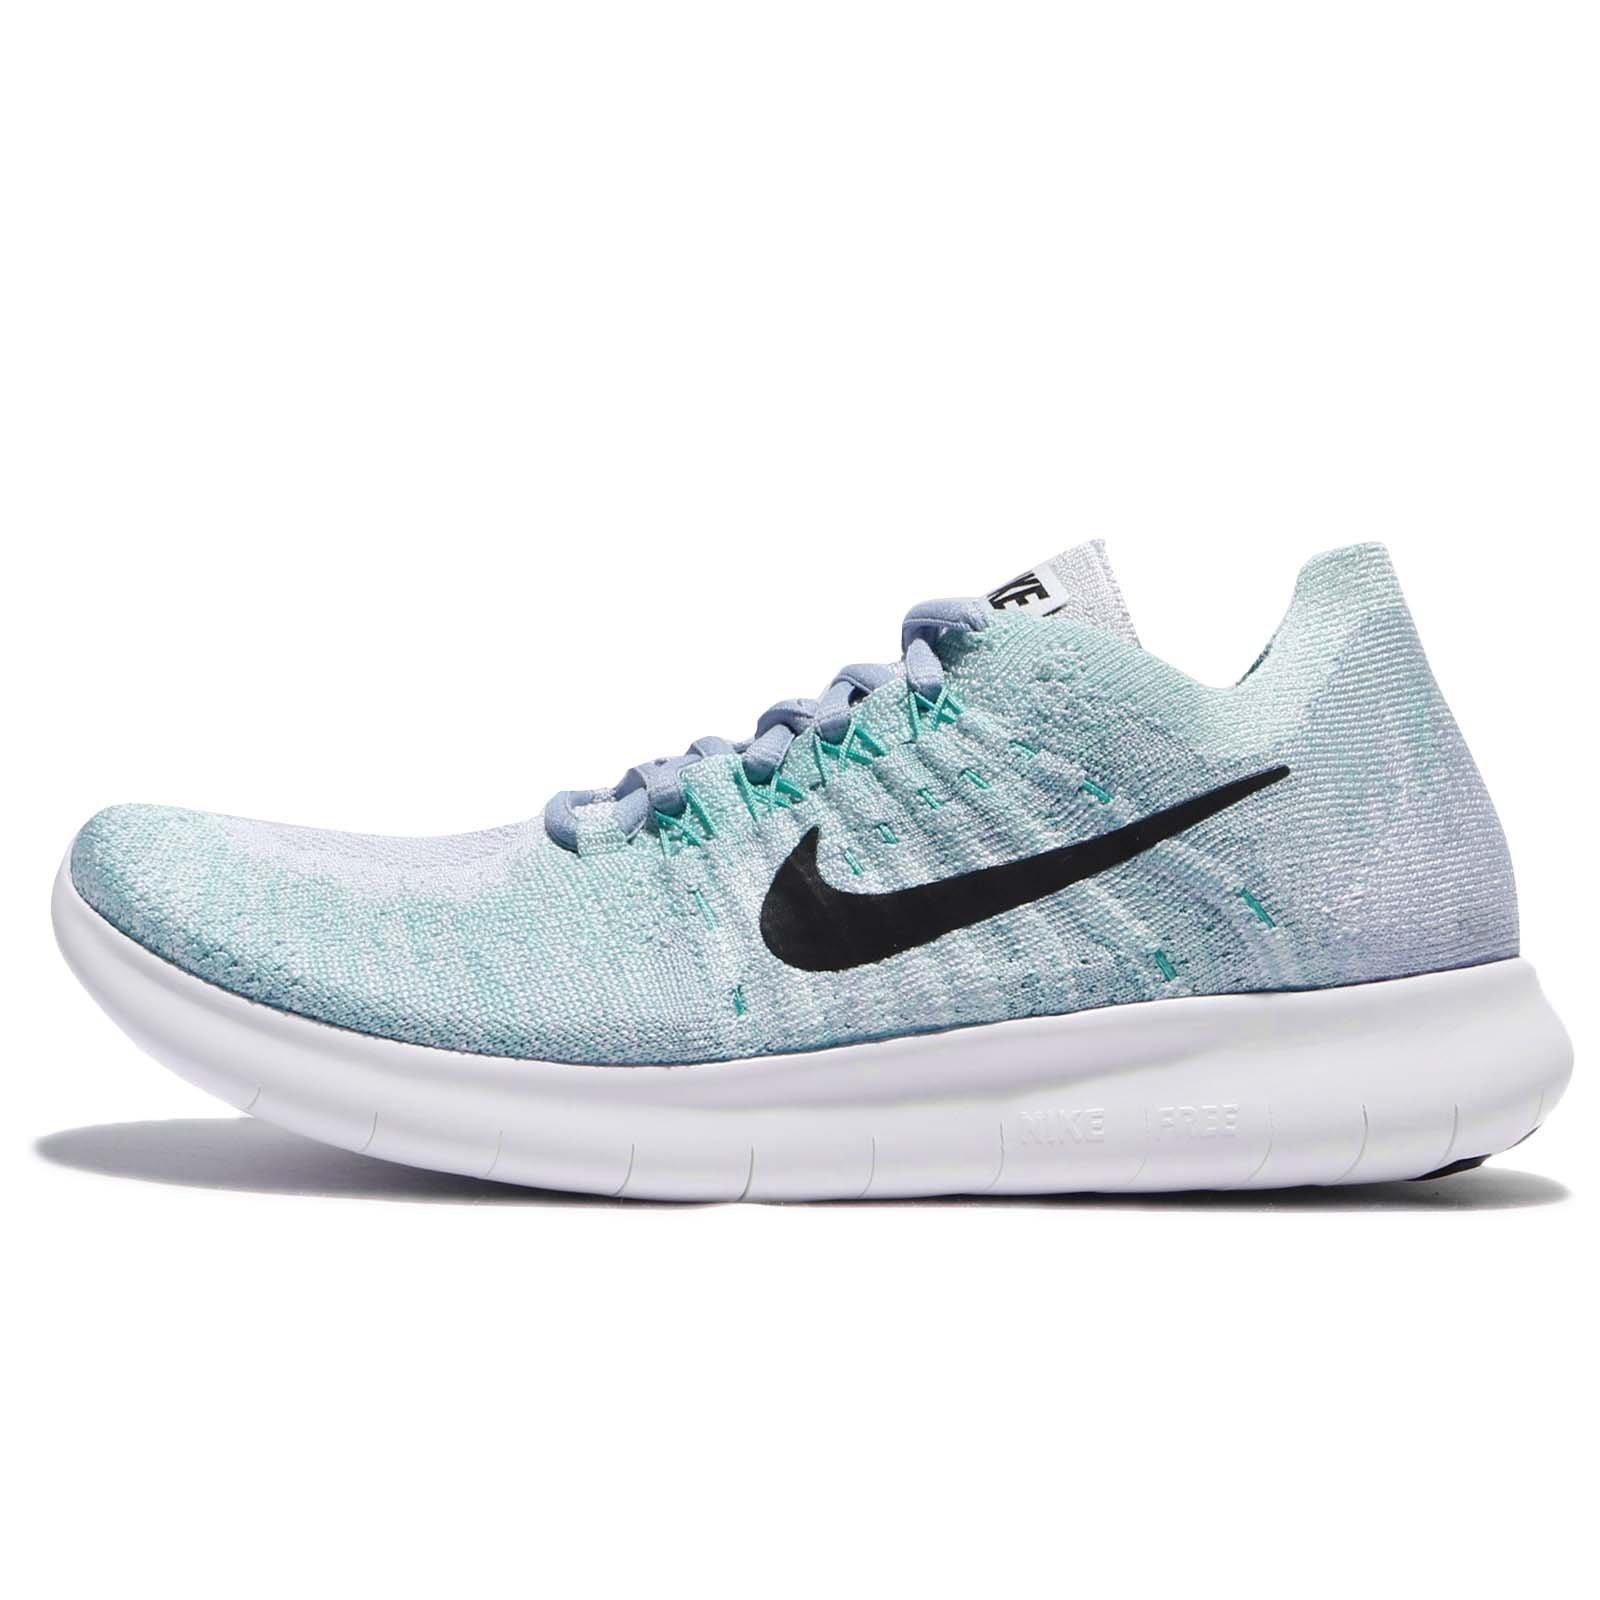 Nike Women's Free Rn Flyknit 2018 Running Shoe (5 M US)